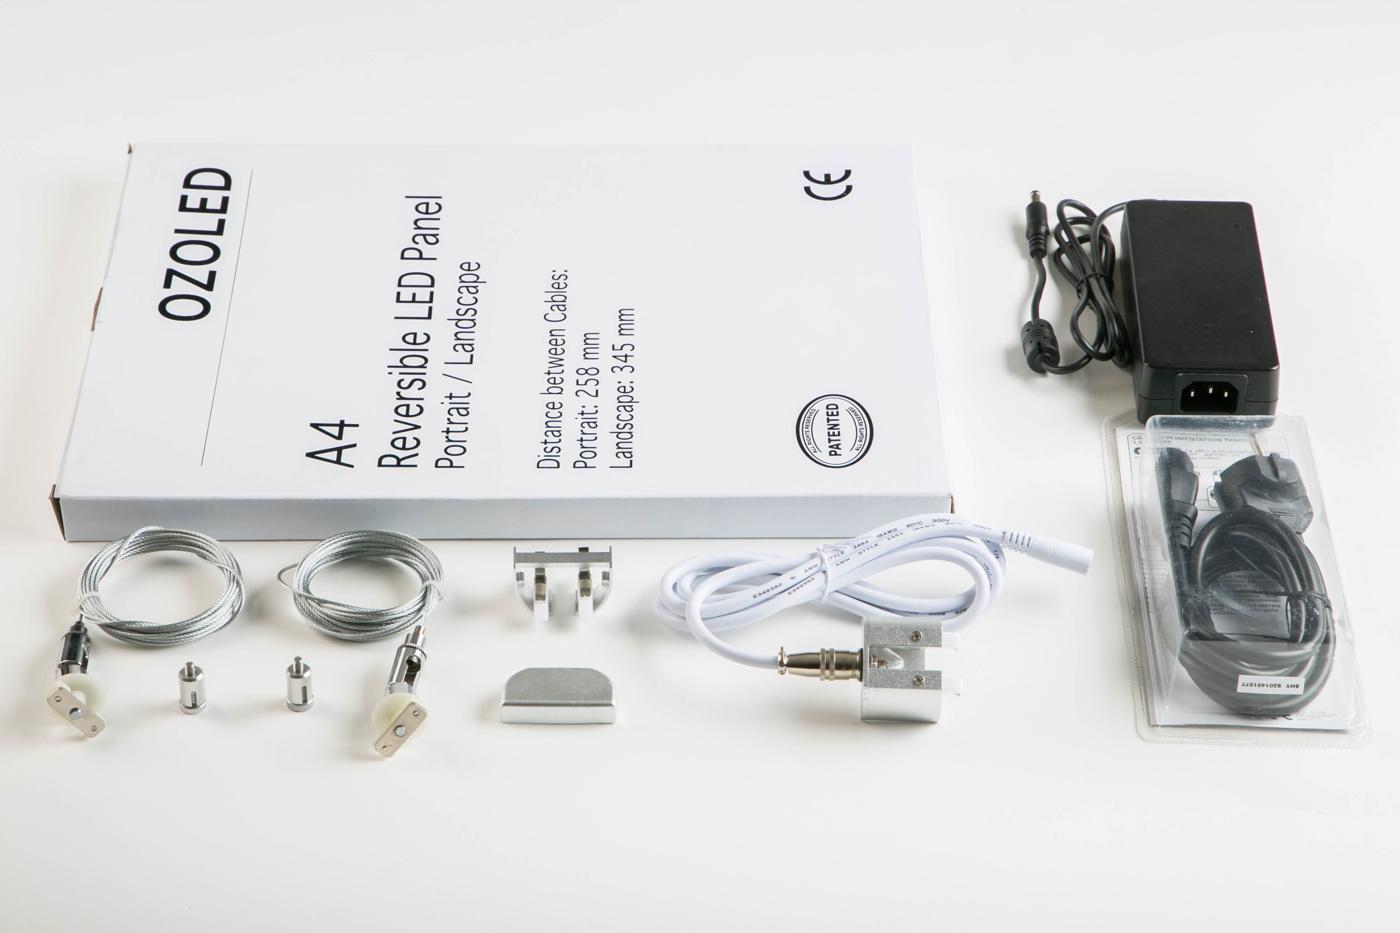 Komplett led-kit